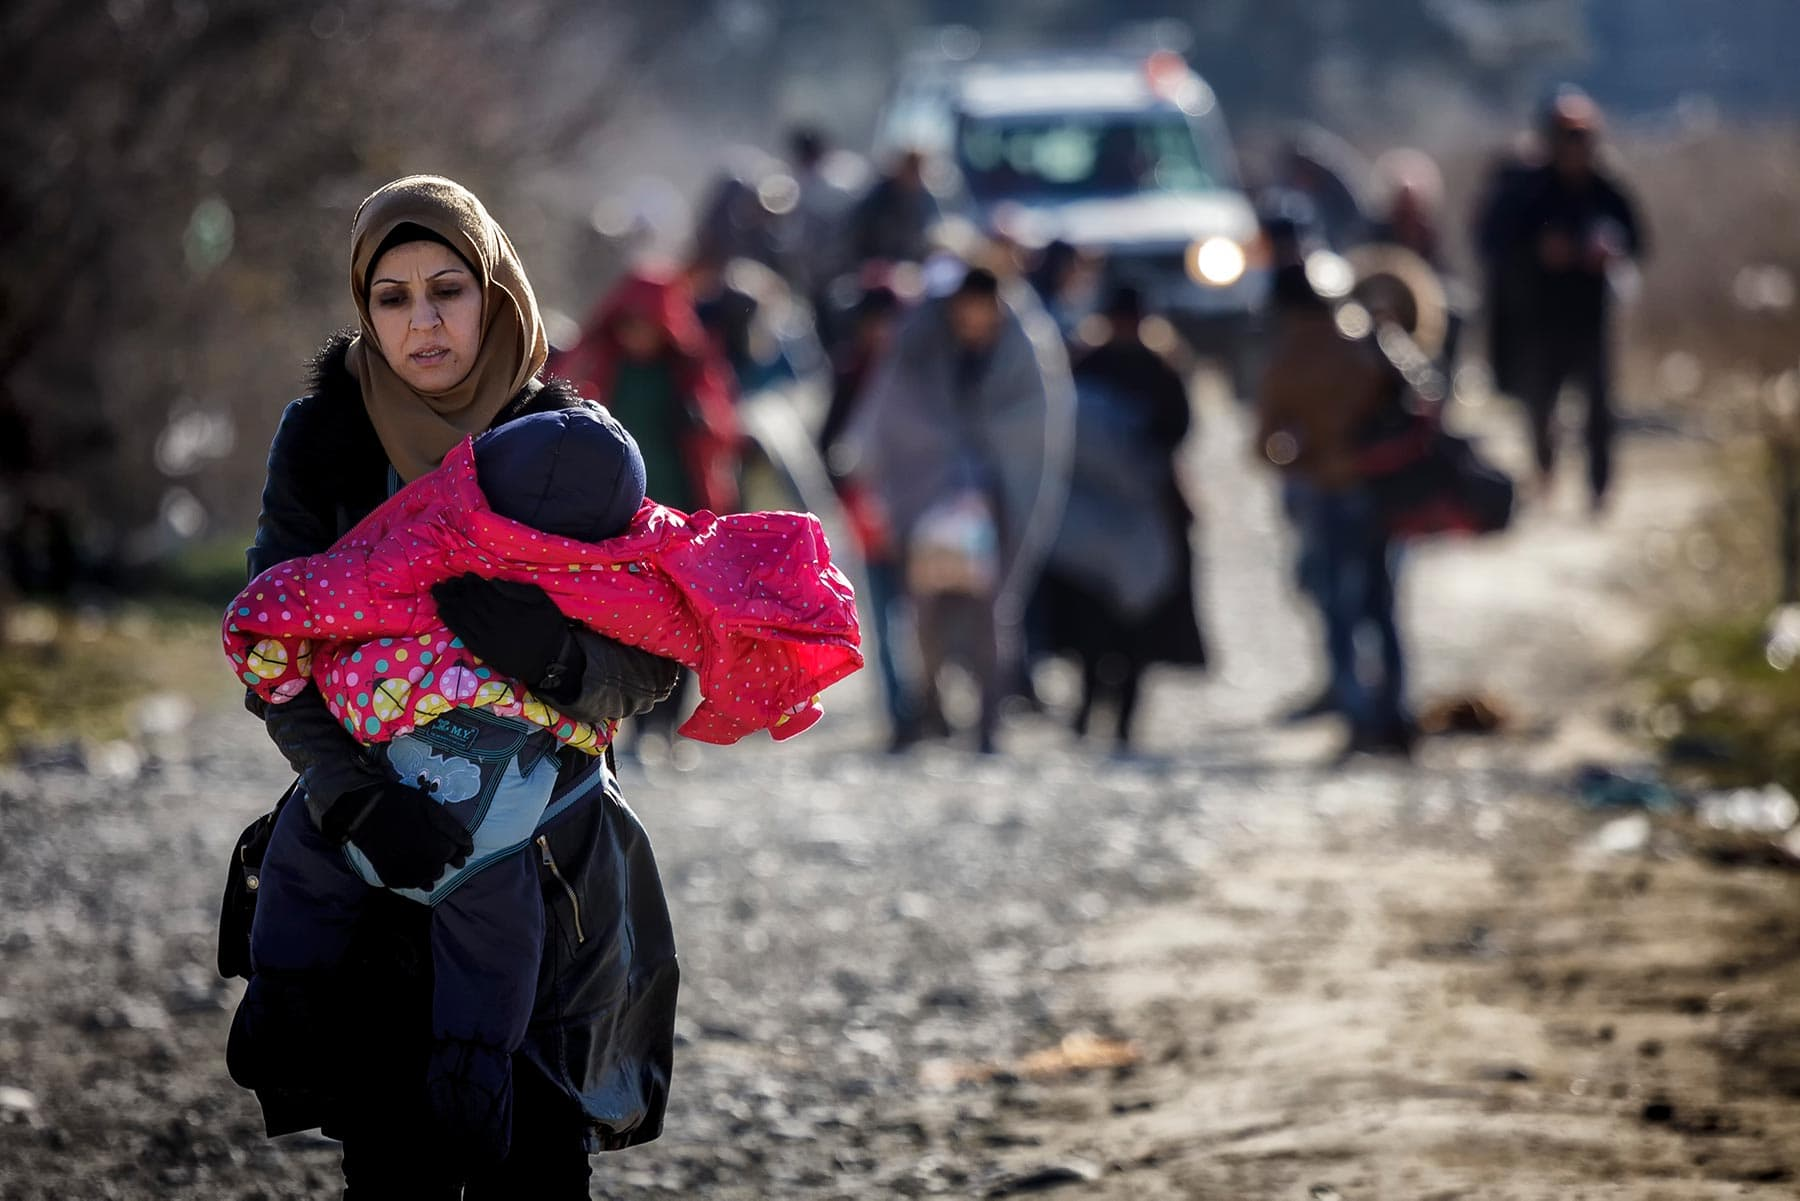 max-ferrero-dicembre-2015-macedonia-superata-la-frontiera-greca-i-profughi-si-dirigono-verso-il-campo-di-gevgelija-min